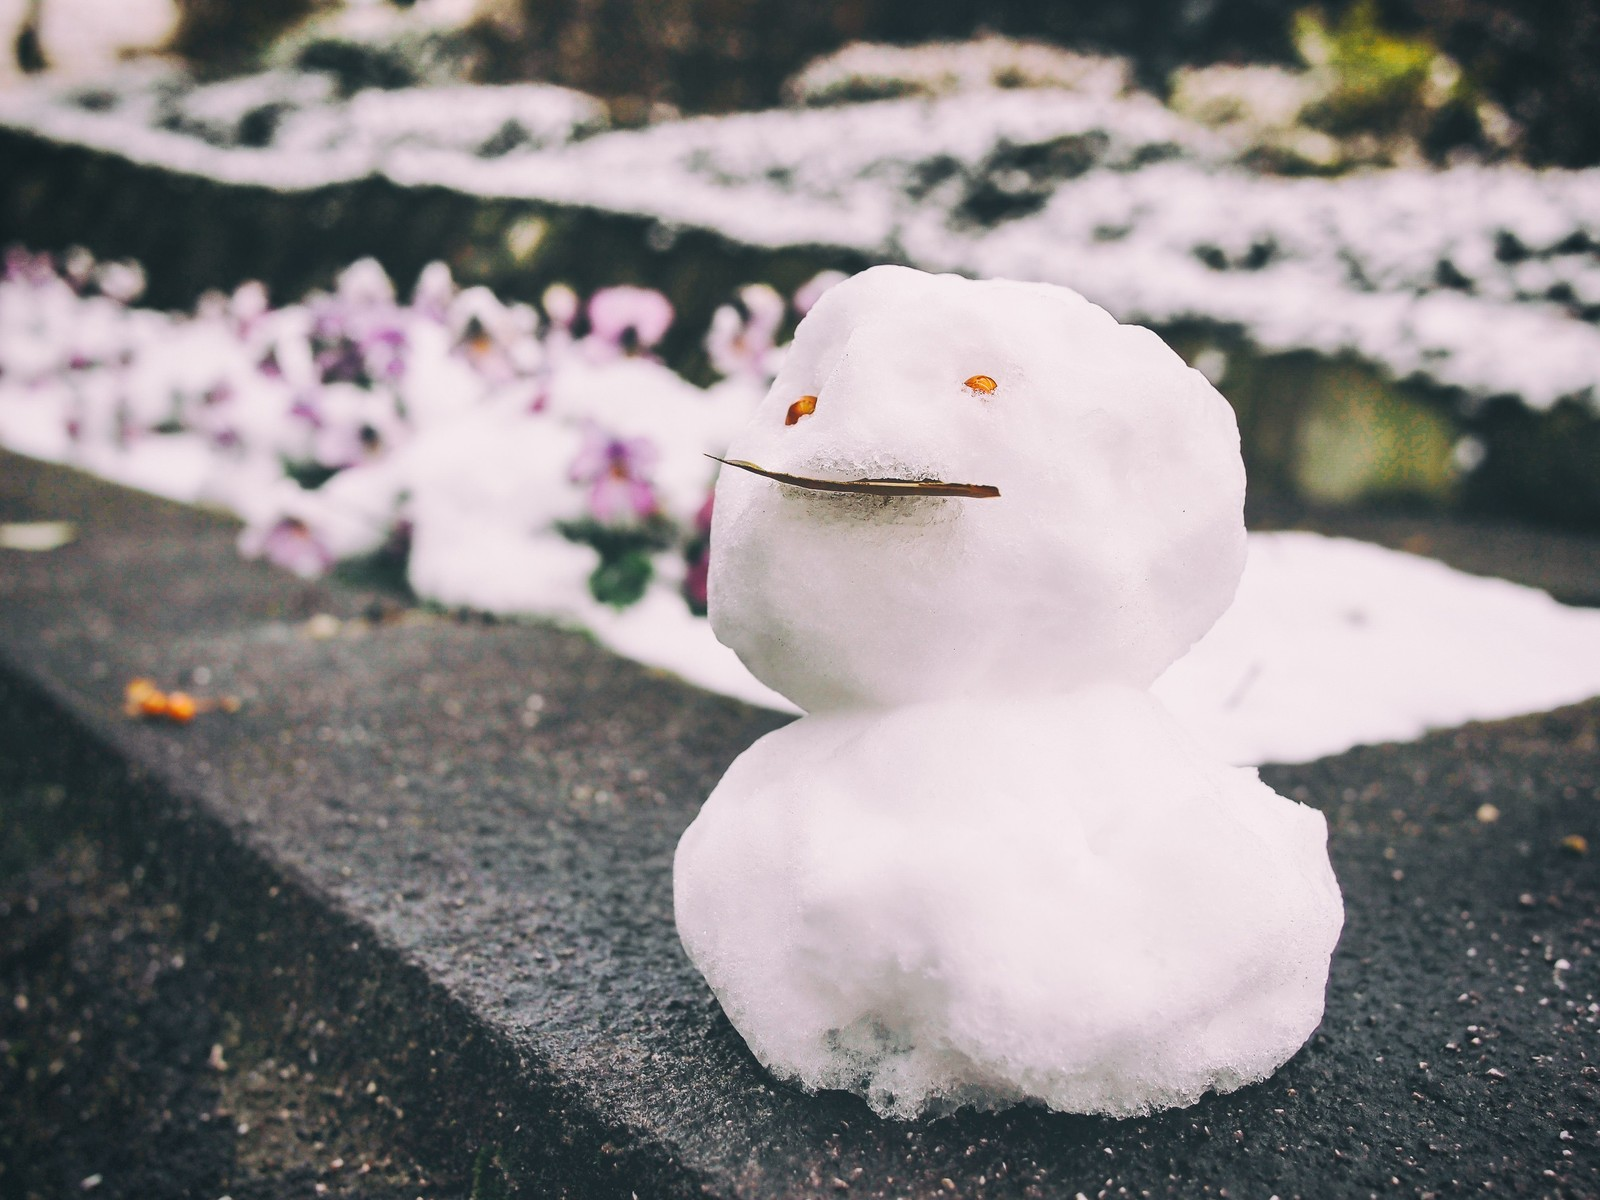 「ちょっとだけ積もった雪で作った小さな雪だるまちょっとだけ積もった雪で作った小さな雪だるま」のフリー写真素材を拡大